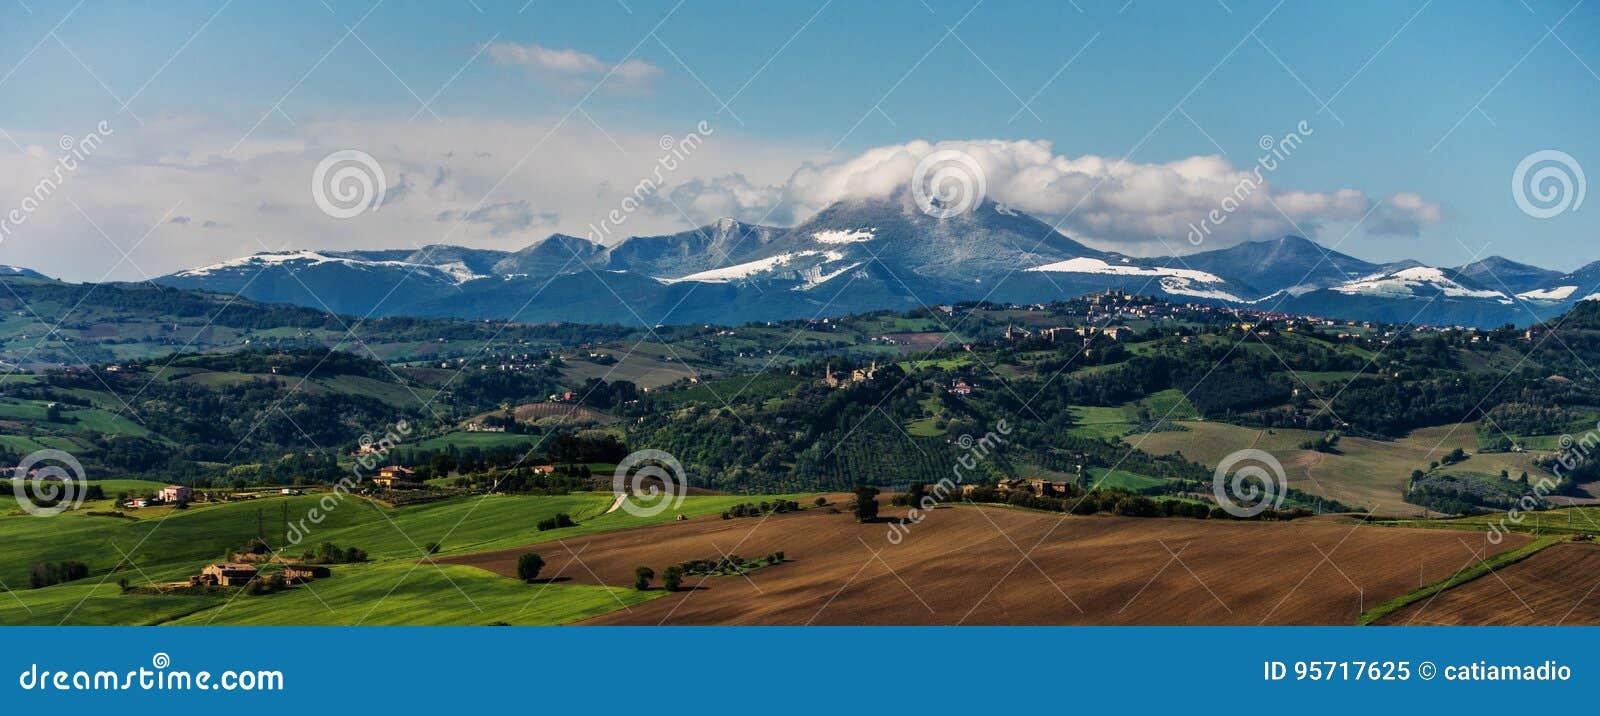 Ansicht des Apennines